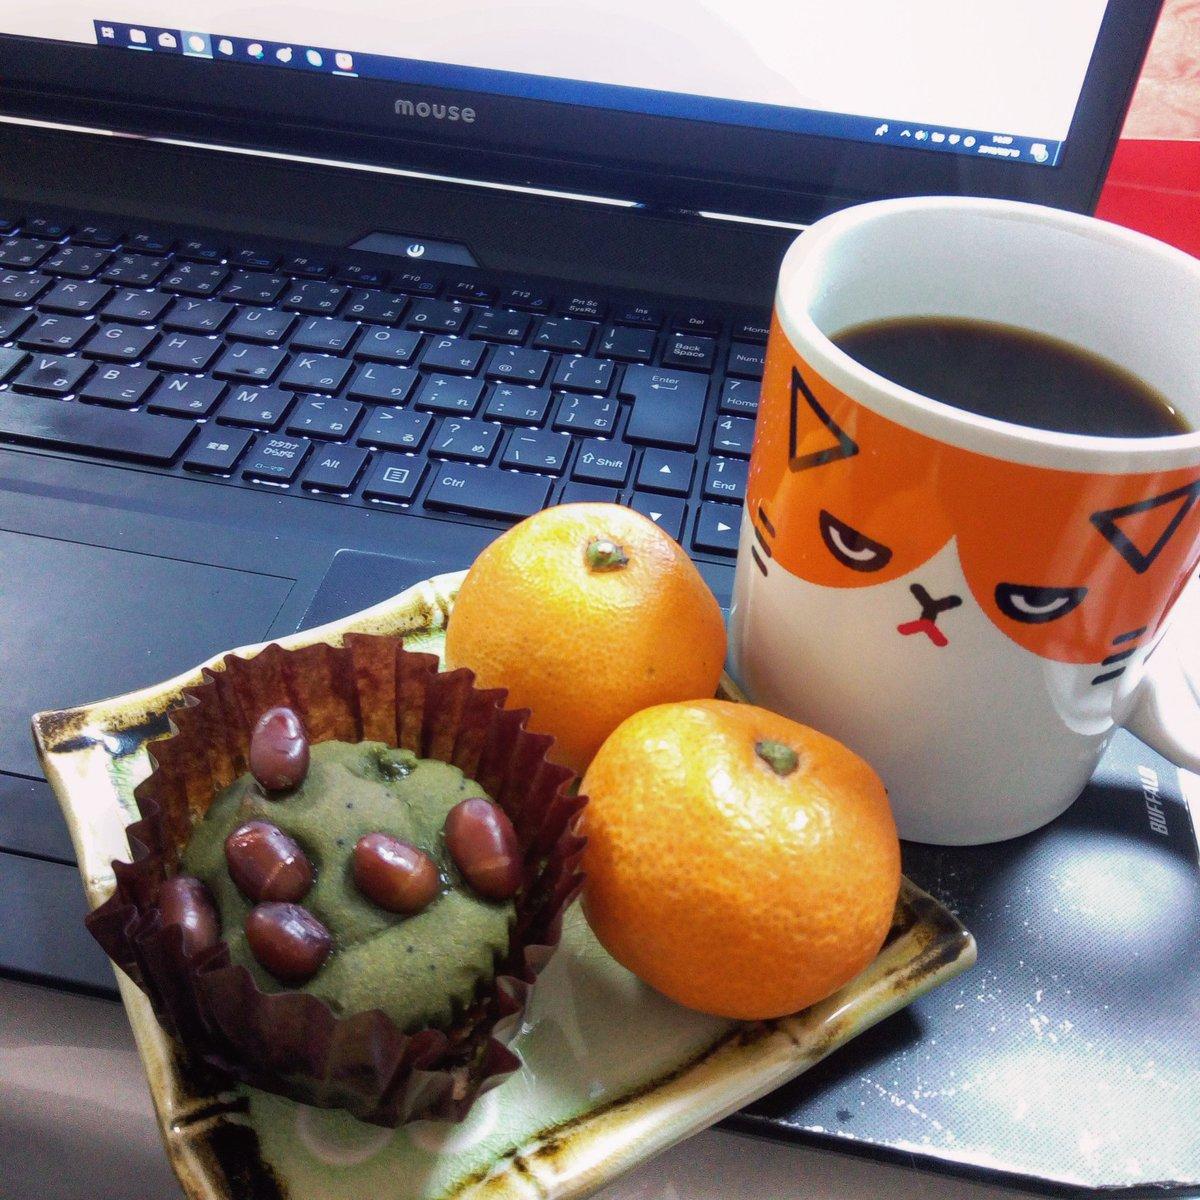 test ツイッターメディア - こんにちは😊友達にいただいた☕と抹茶焼きモンブラン食べながら作業中(*´﹀`*)コーヒーがどれも美味しくて、幸せすぎる💕 https://t.co/airLVzqh3M